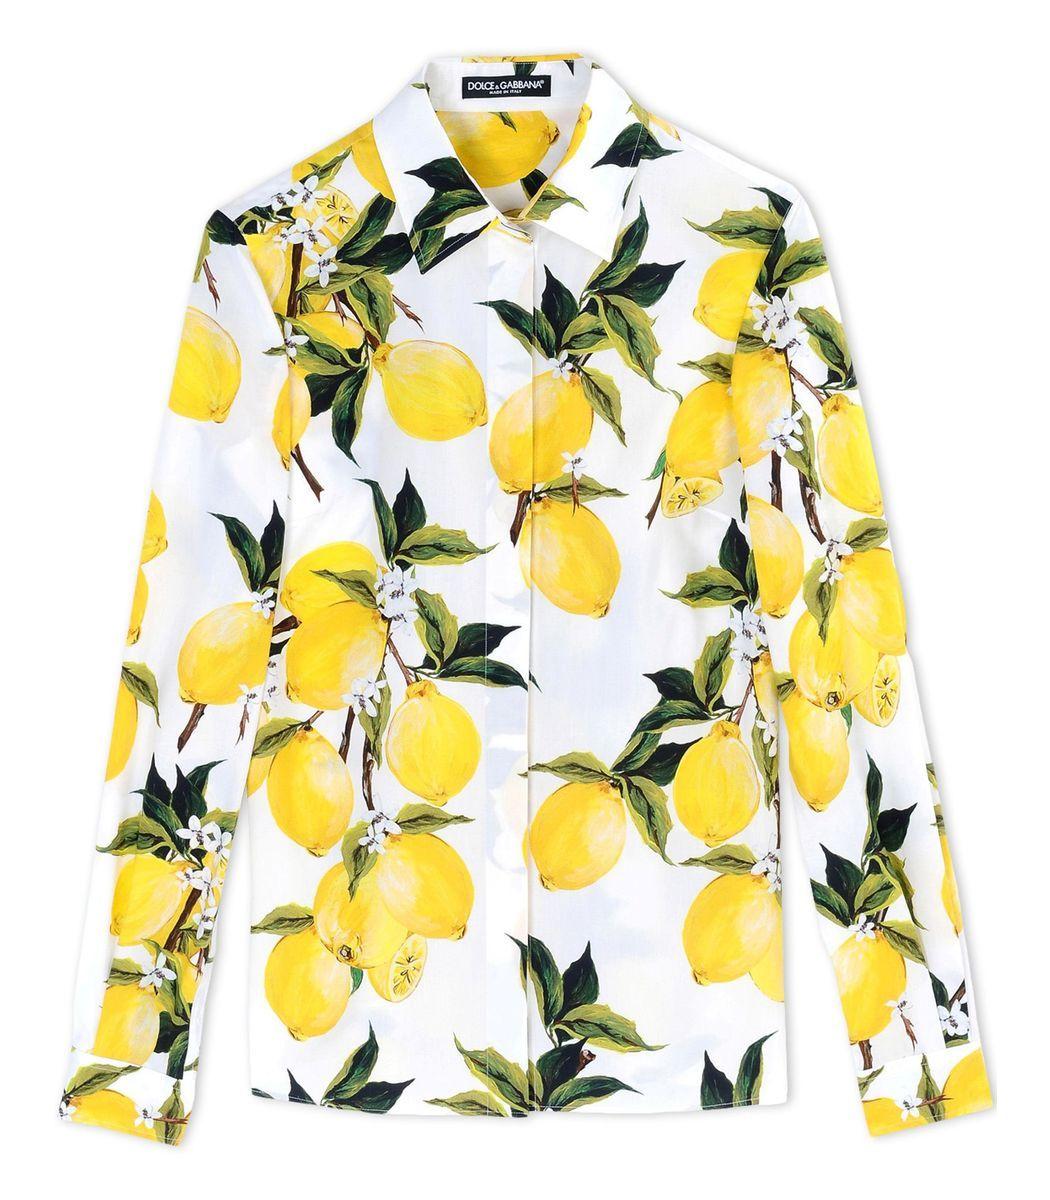 dd96299b18e8 Dolce   Gabbana Lemon Print Blouse